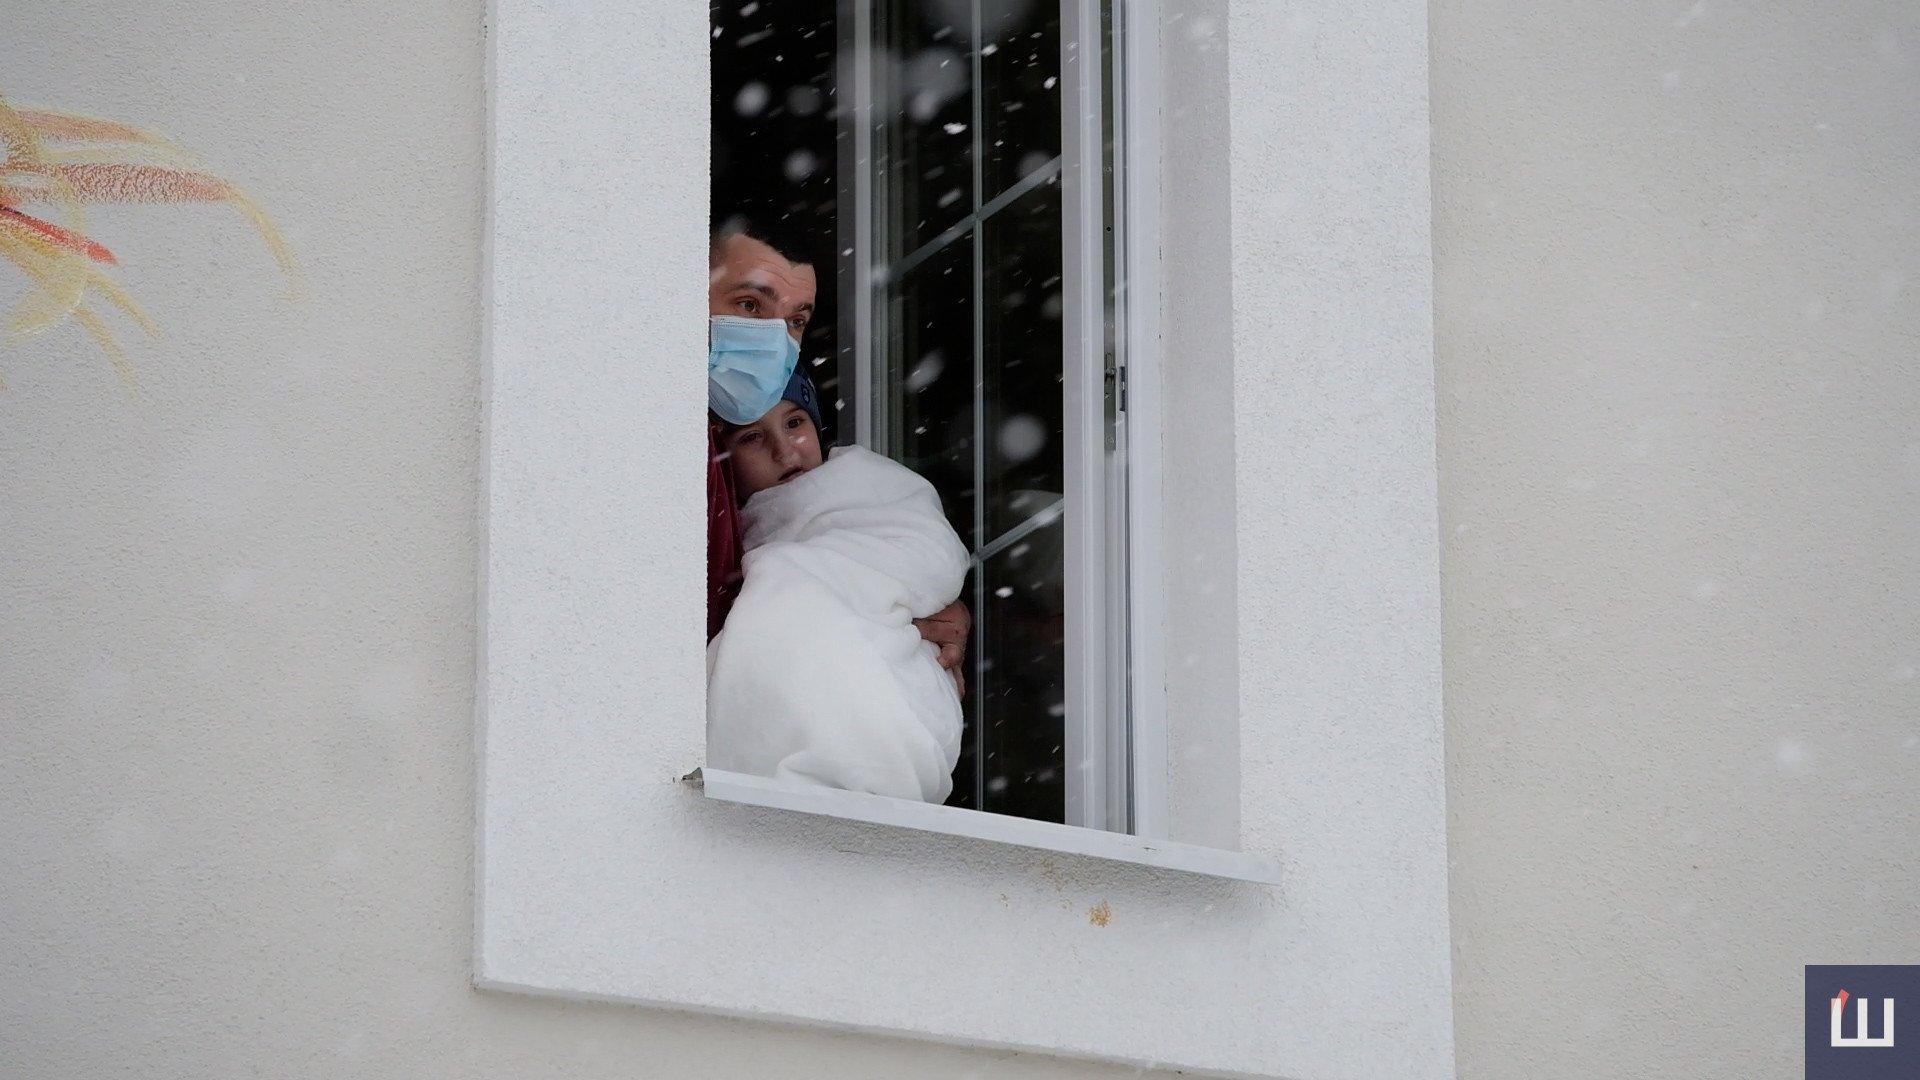 Осуществить заветную мечту: в Черновцах больного раком мальчика приняли в ряды полиции (ФОТО, ВИДЕО) - фото 2